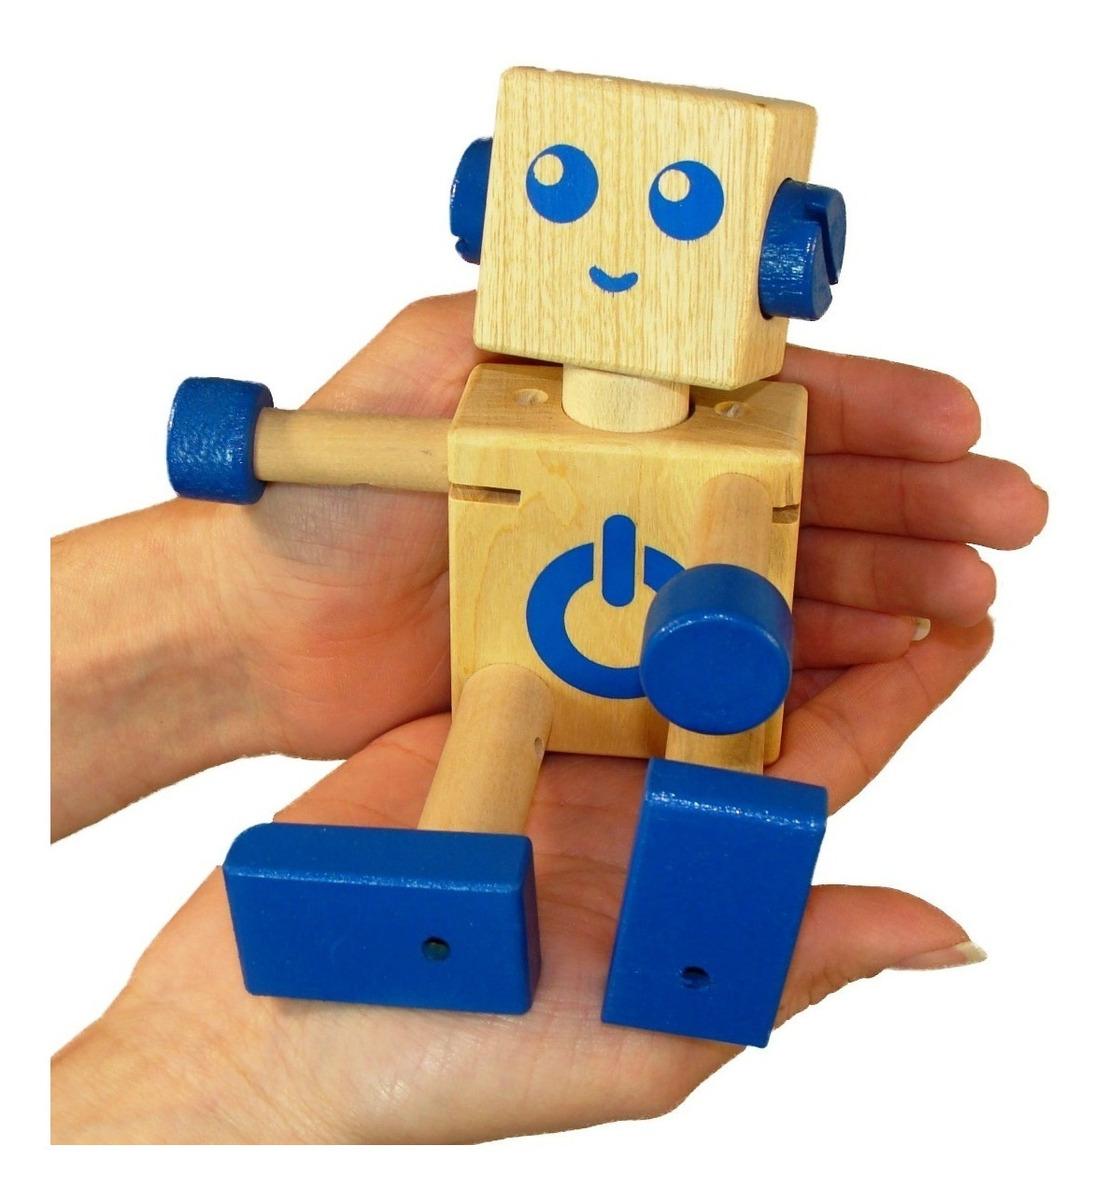 Robot Juguete De Articulado Madera Didáctico Krecos lFTKc1J3